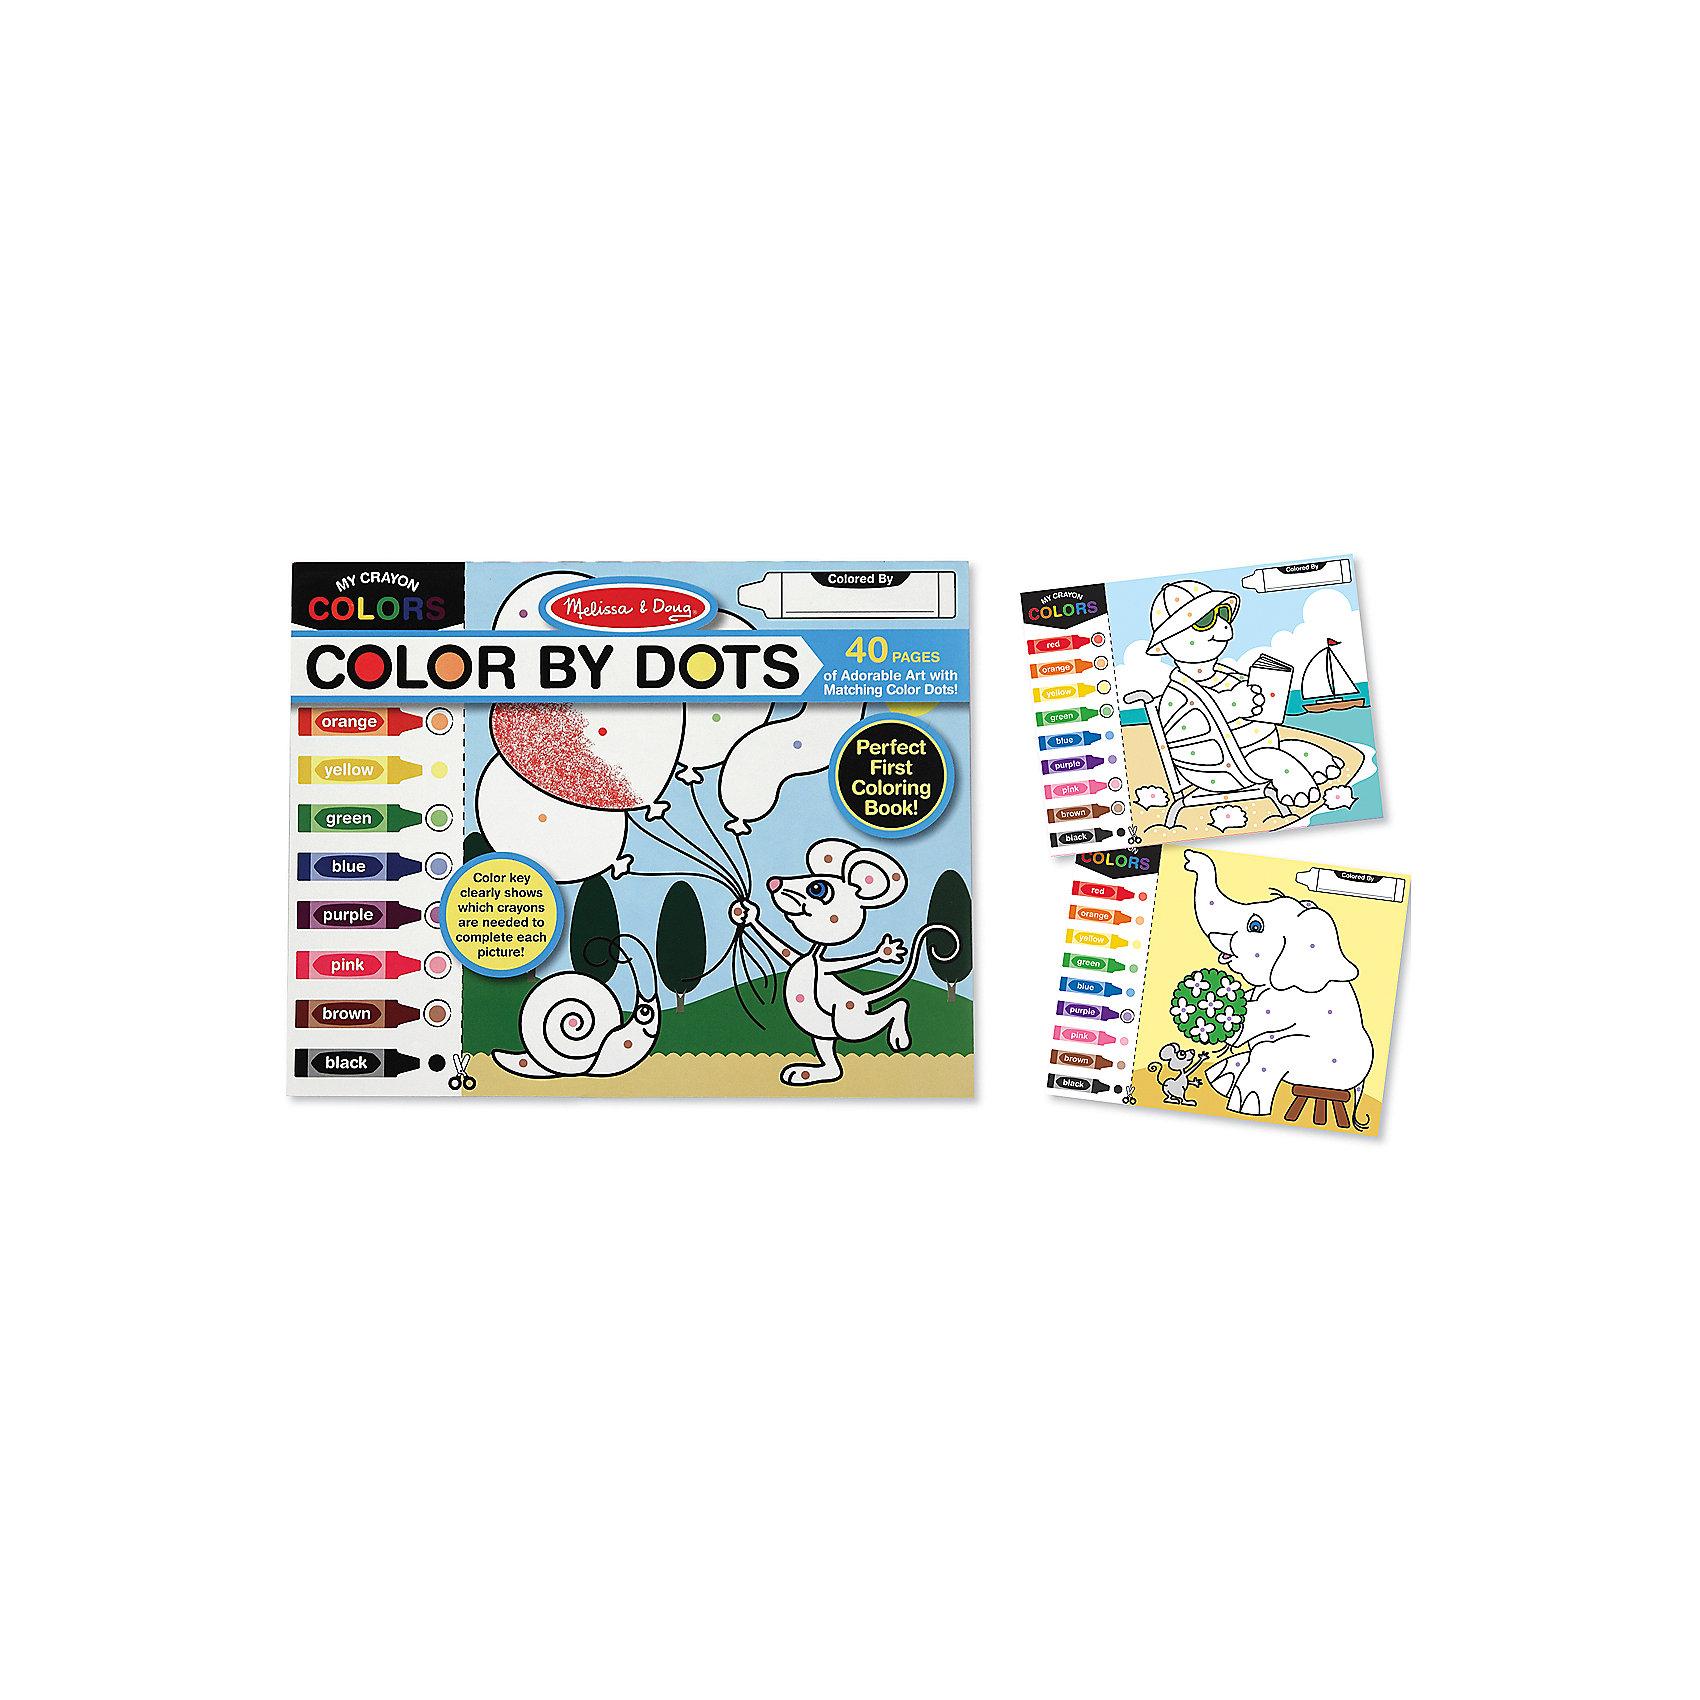 Набор Раскрась по цветамНа страницах этой раскраски дети увидят оригинальные рисунки и веселые сюжеты, которые приведут в восторг любого ребенка. На каждой страничке слева нарисованы разноцветные фломастеры, области раскрашивания на рисунке помечены цветными точками-подсказками, которые показывают каким цветом надо закрашивать. В раскраске 40 страниц, рисунки на которых постепенно усложняются. Раскраска учит распознавать цвета, развивает мелкую моторику и внимание. <br><br>Дополнительная информация:<br><br>- Материал: бумага, картон.<br>- Размер: 28х36 см.<br>- Количество страниц: 40. <br><br>Набор Раскрась по цветам можно купить в нашем магазине.<br><br>Ширина мм: 280<br>Глубина мм: 360<br>Высота мм: 10<br>Вес г: 521<br>Возраст от месяцев: 36<br>Возраст до месяцев: 72<br>Пол: Унисекс<br>Возраст: Детский<br>SKU: 4407119